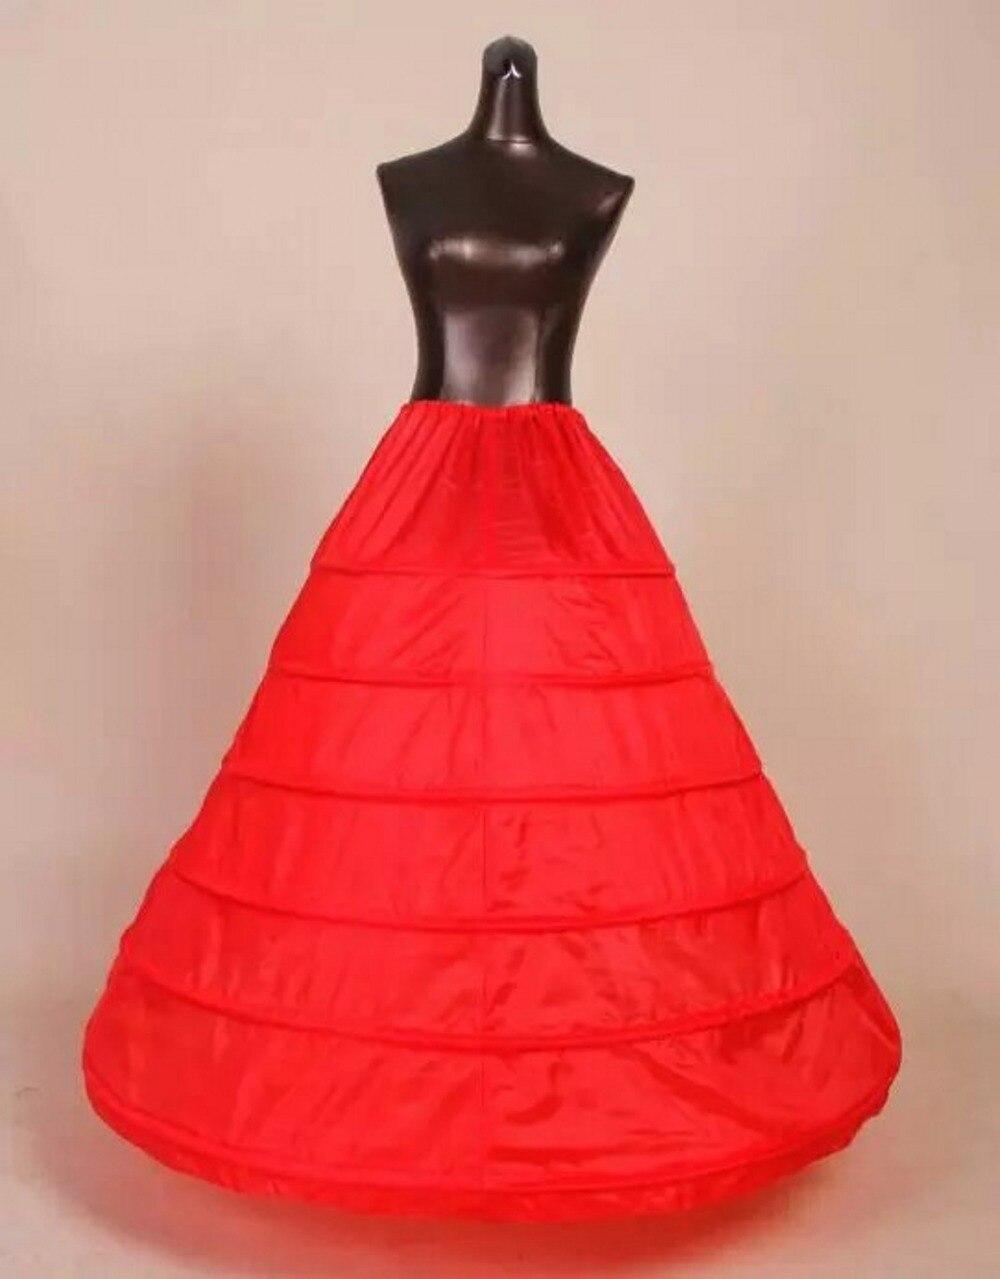 robe de mariage jupon 6 cerceaux pas cher robe de bal jupon pour le mariage robe - Jupon Mariage 1 Cerceau Pas Cher